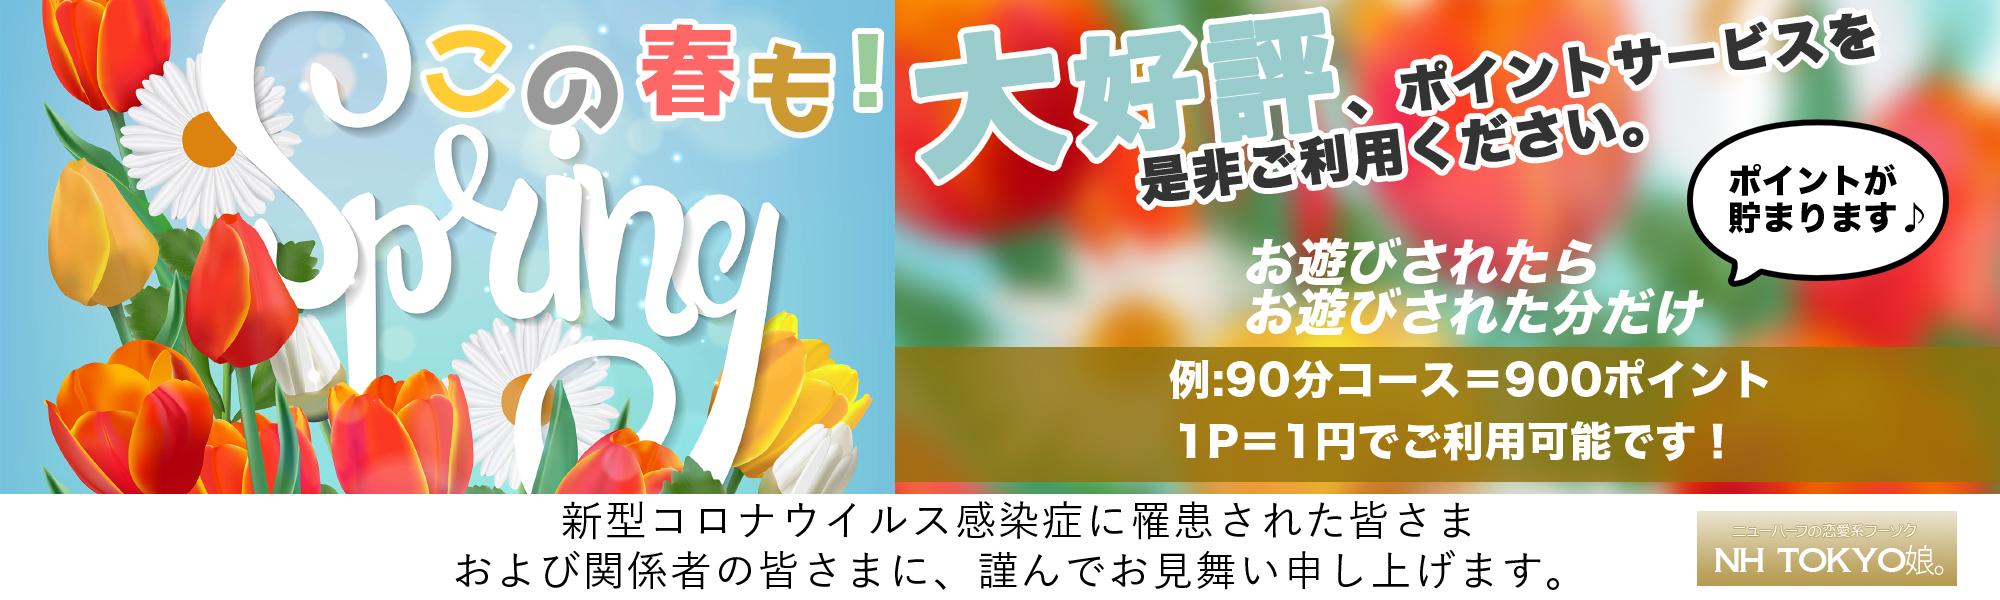 錦糸町ホテヘル ニューハーフのNH TOKYO娘。2102_ポイントサービス